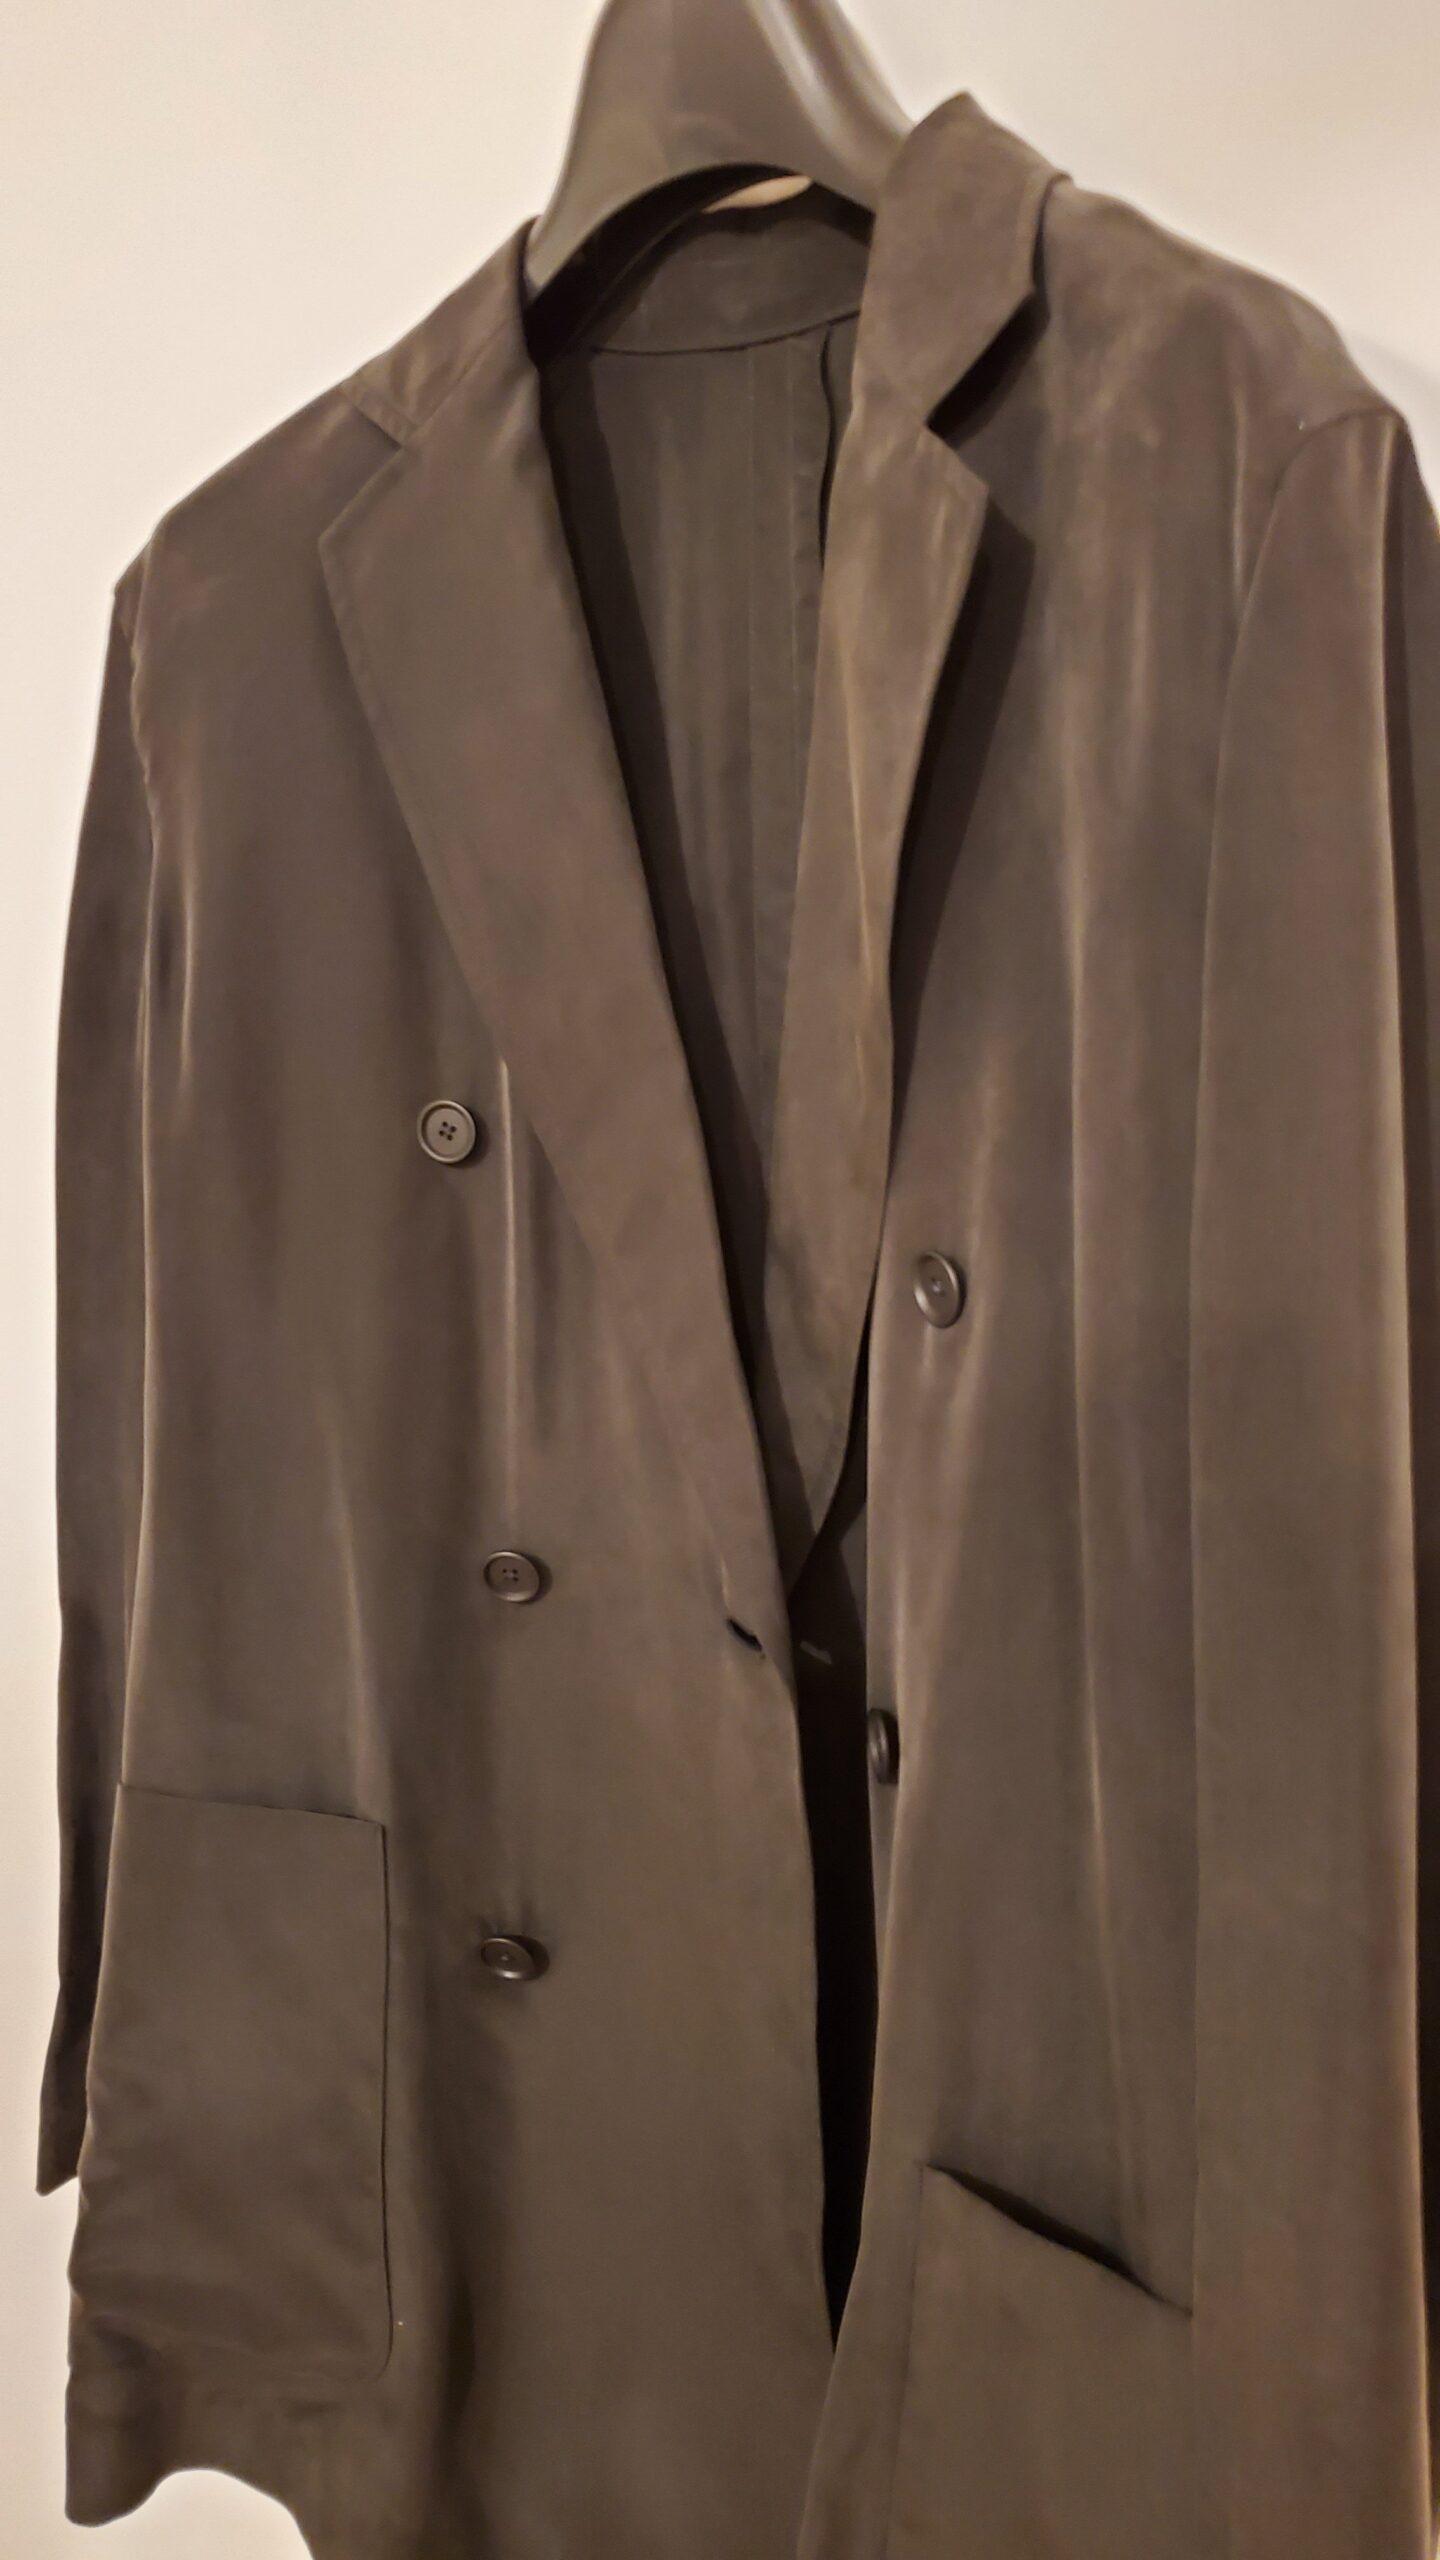 マーガレットハウエルのジャケット2